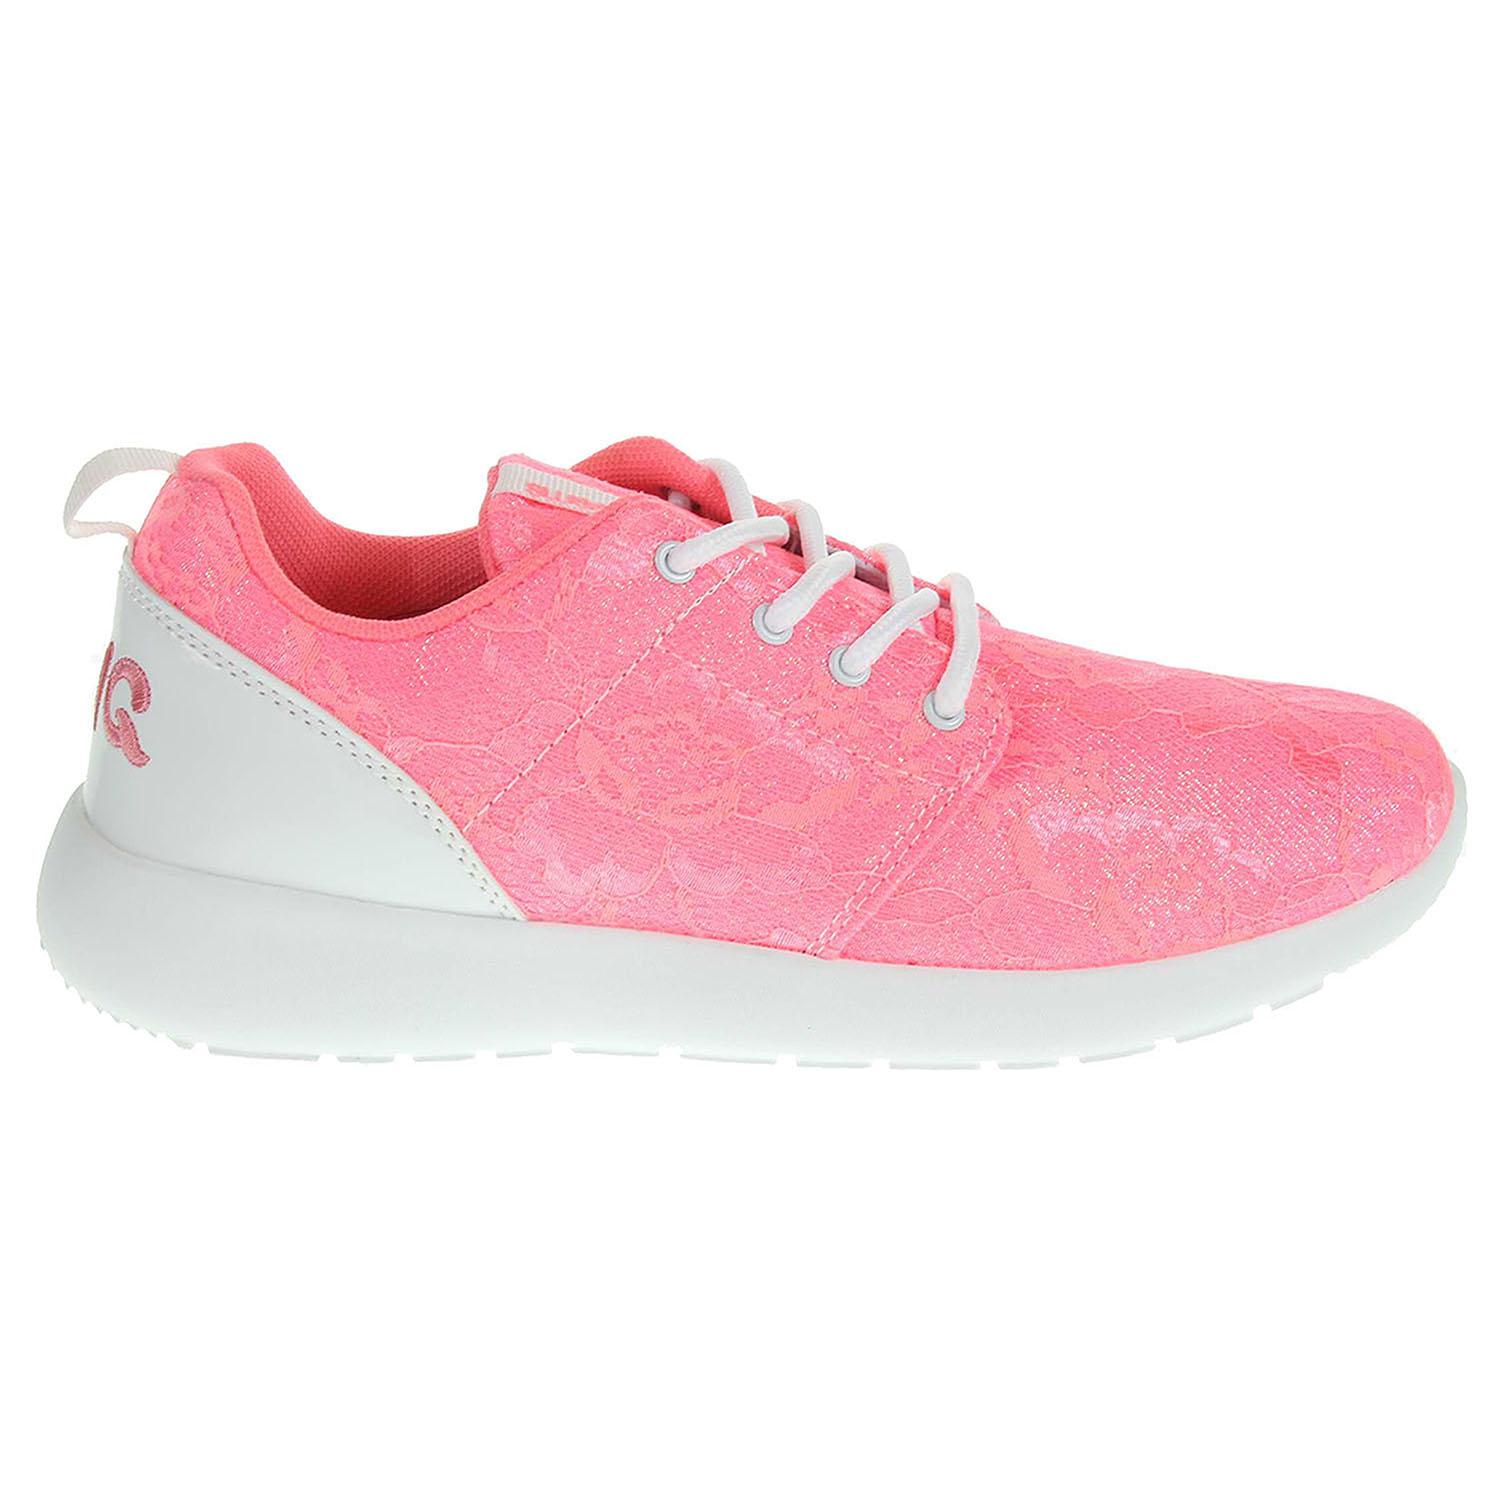 Ecco Primigi Decon 5272500 dívčí obuv růžová-bílá 26600102